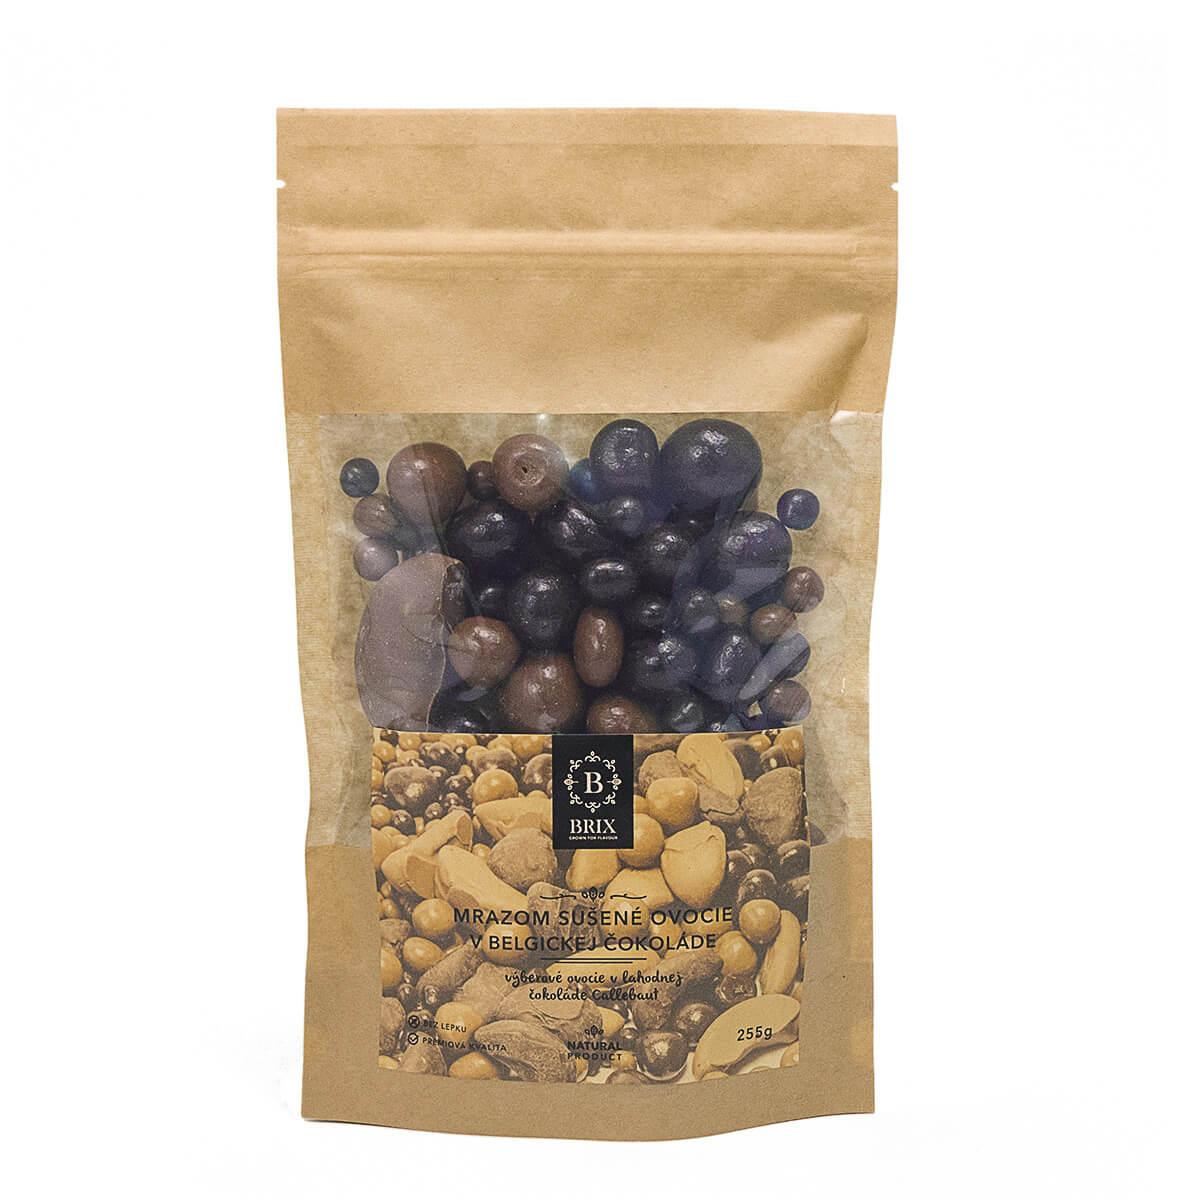 BRIX Mrazom sušený mix ovocia v mliečnej a horkej čokoláde (jahoda, malina, marhuľa, čučoriedka) 255 g